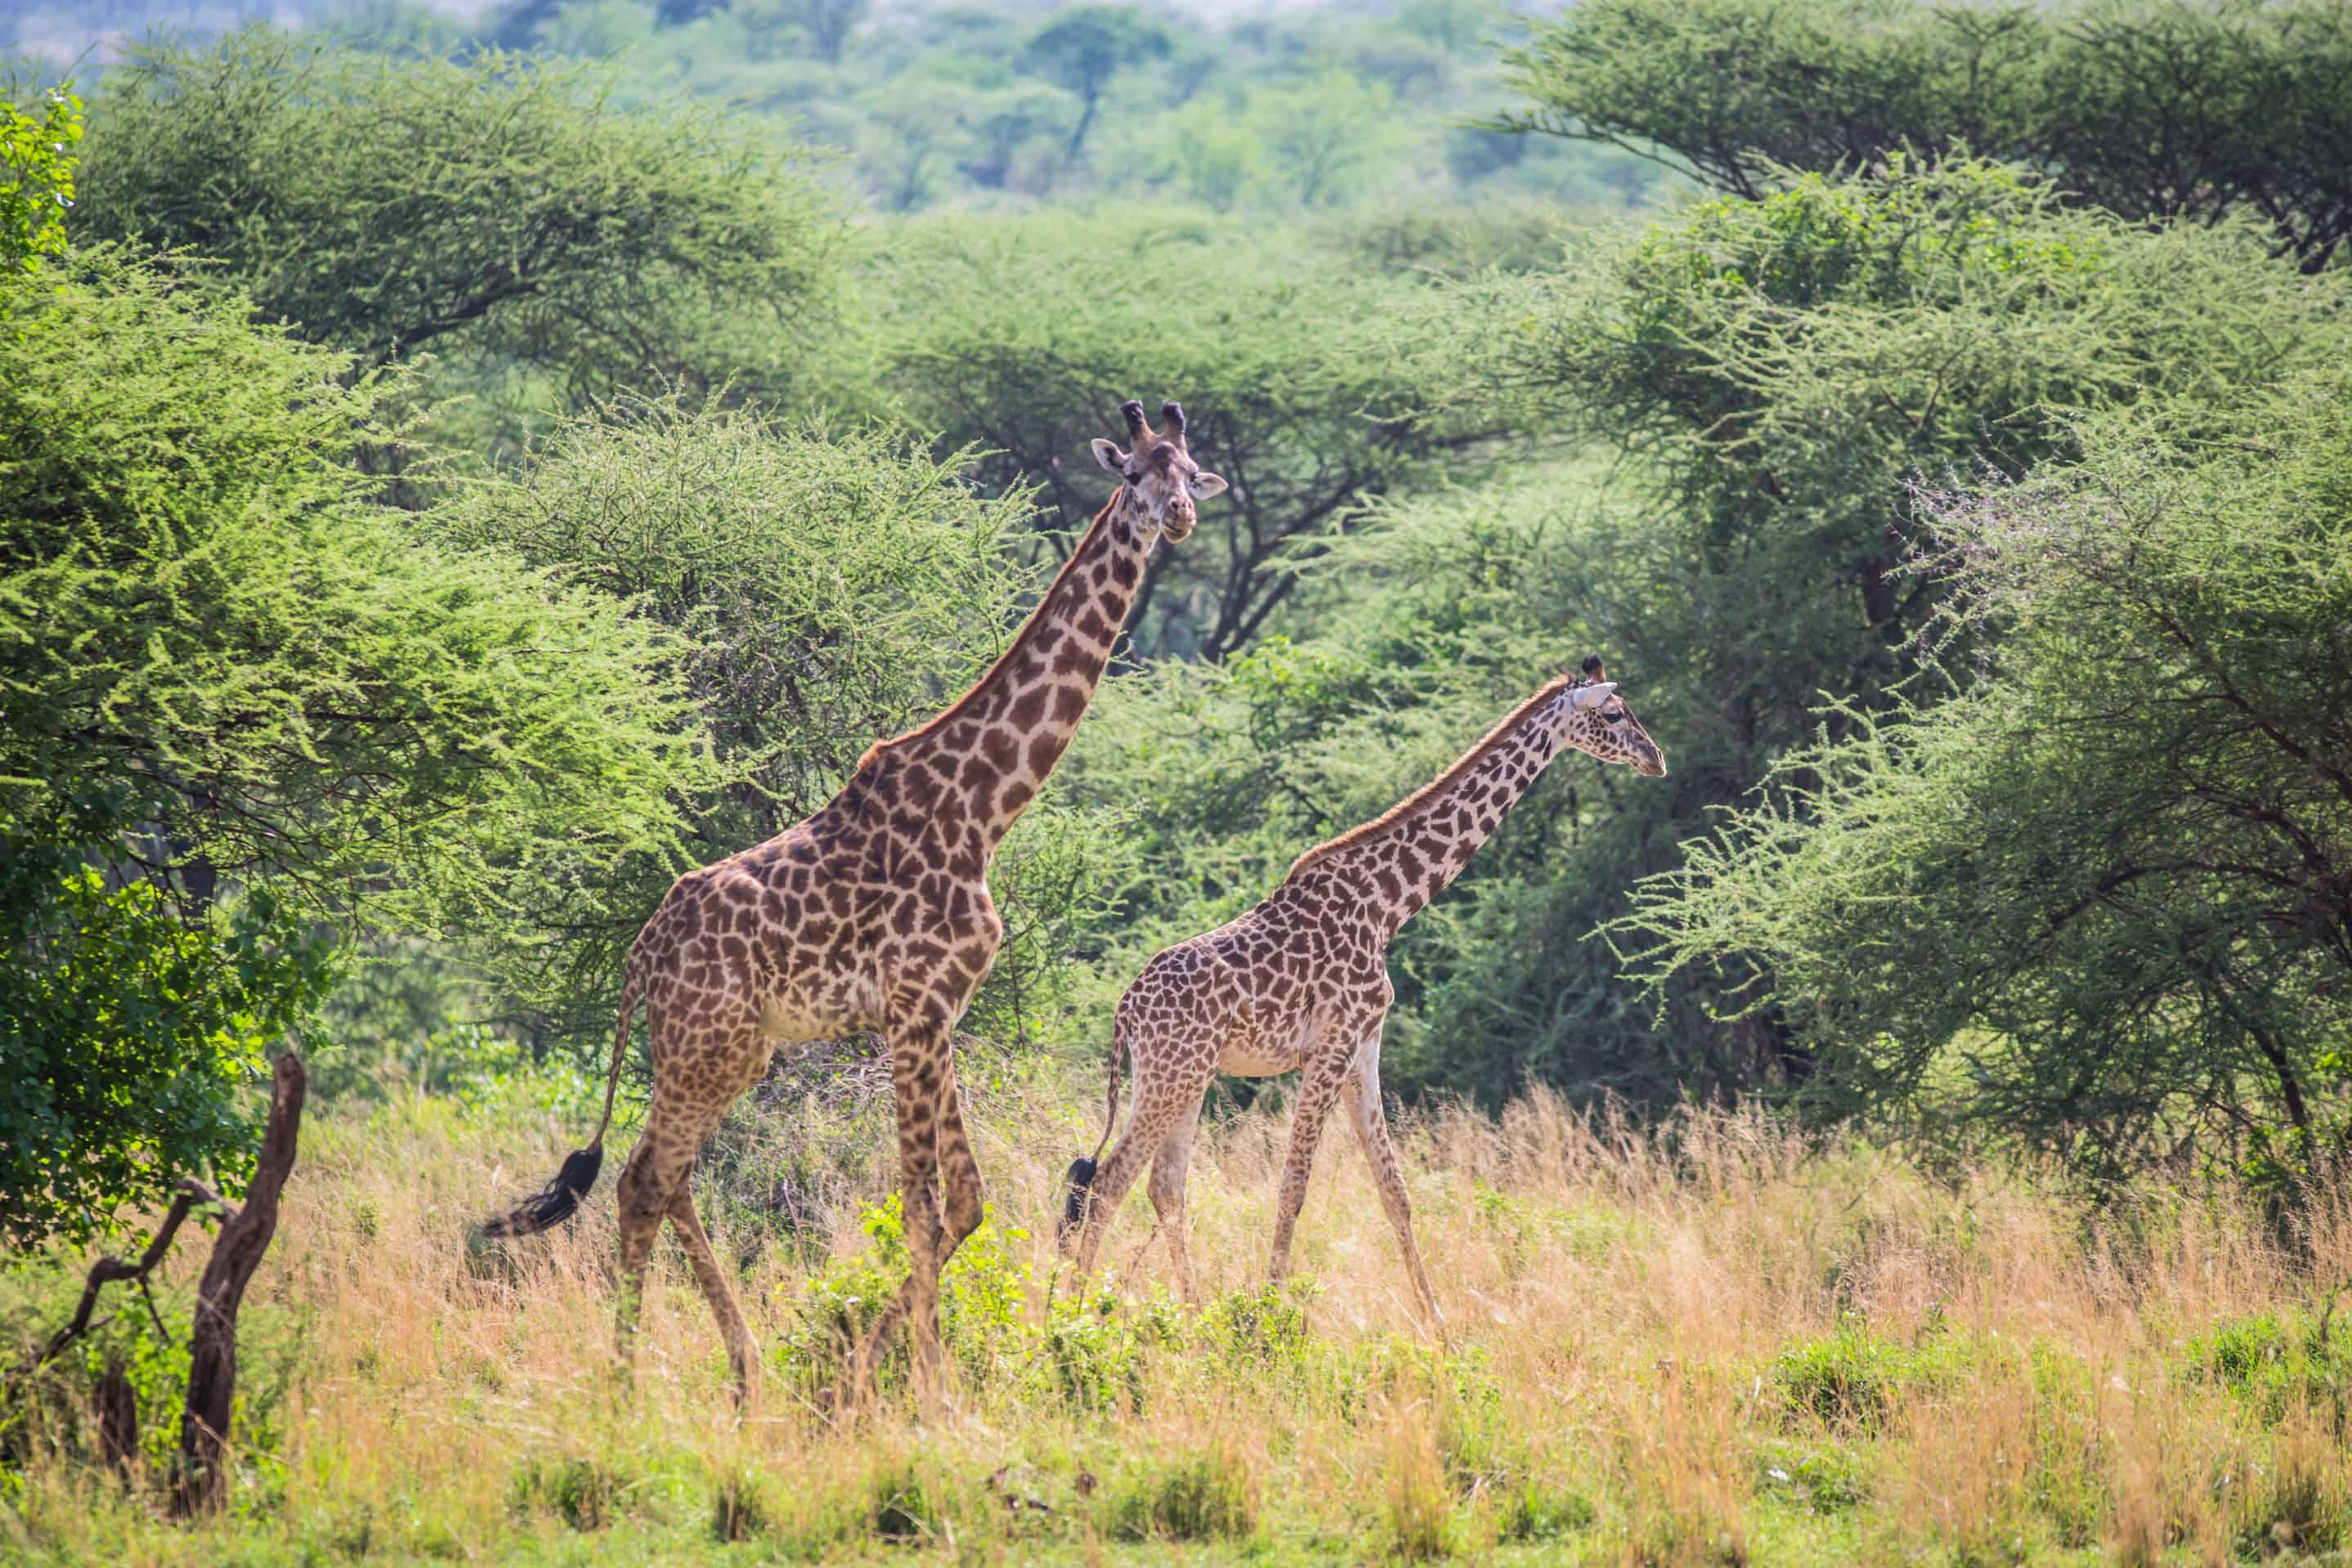 Giraffes are a plenty in Tanzania